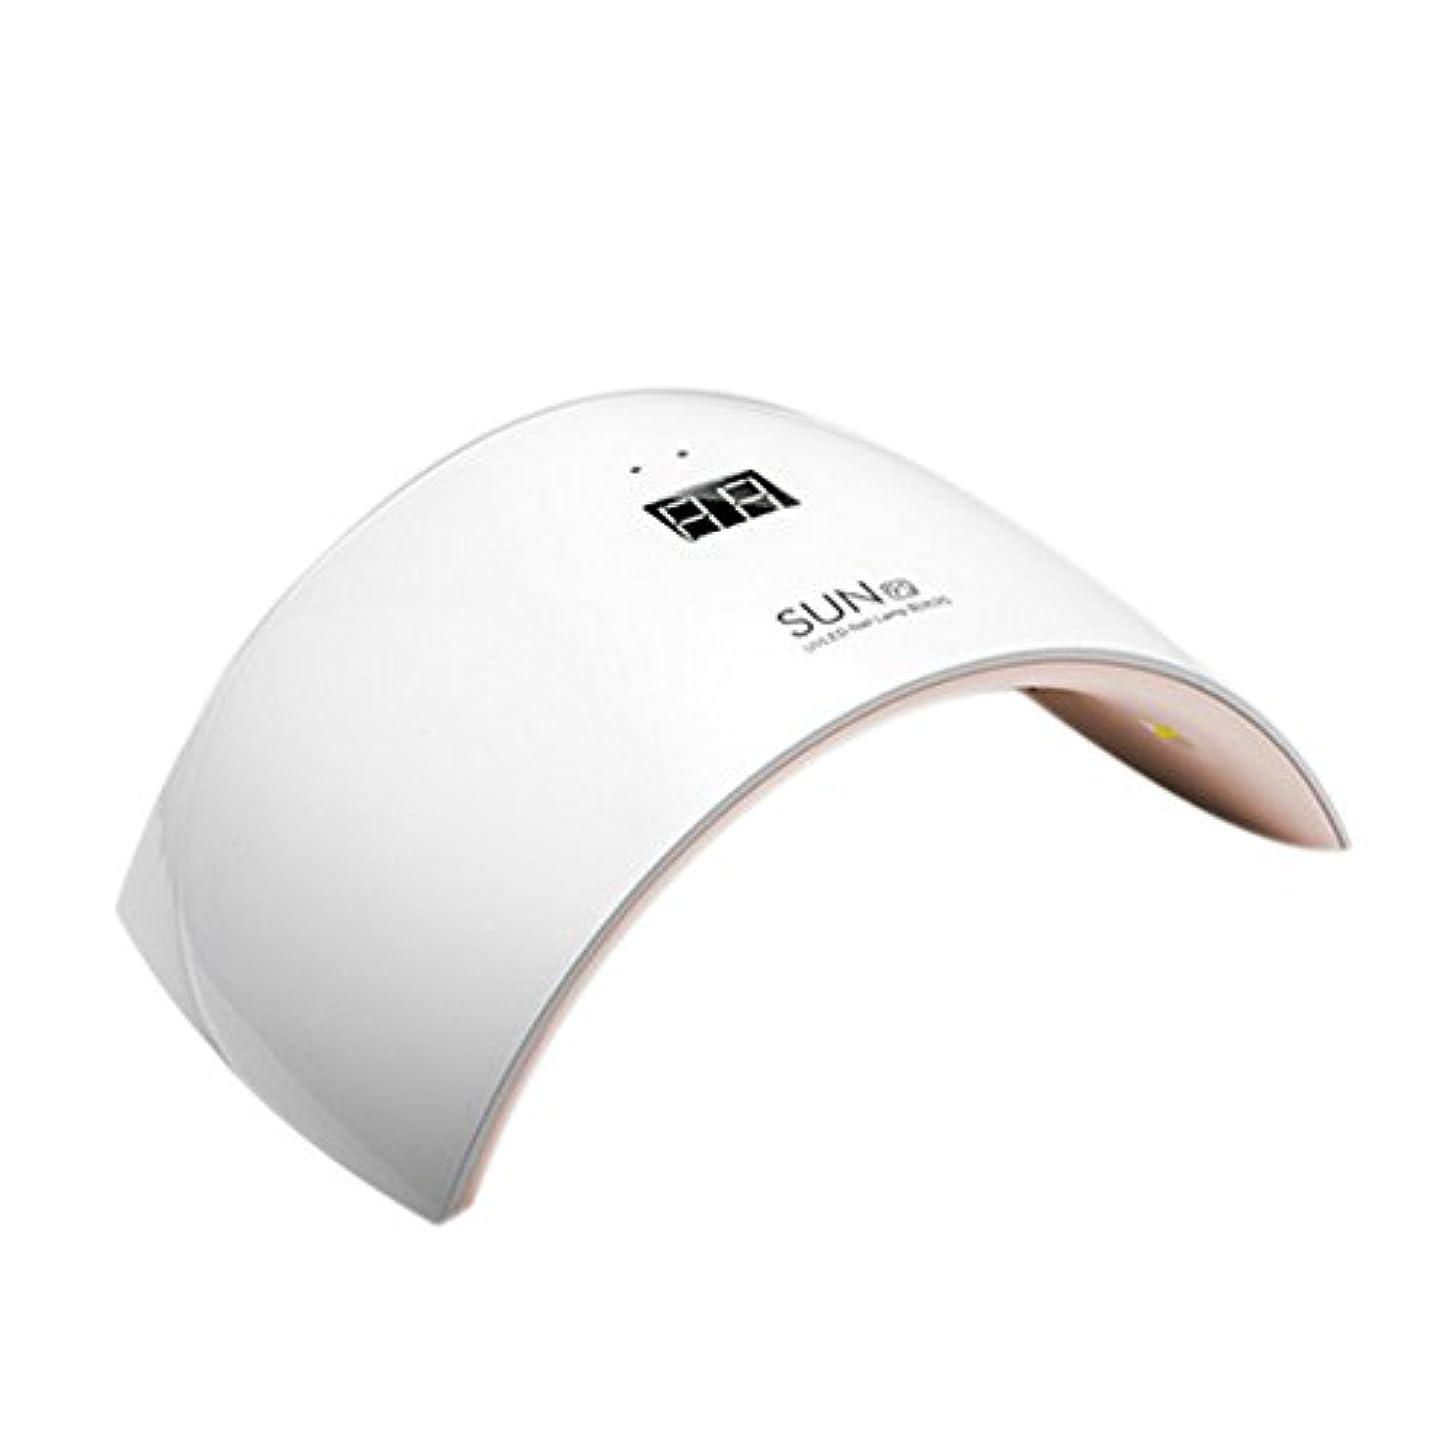 ダッシュ有効つかの間Symboat ネイルアートツール 24W ネイルドライヤー ライト付き ボトム液晶 ディスプレイ 硬化用UVライト led ランプ爪トゥール ネイルジェル ベース ポリッシュ 4段階タイマー設定時間設定10S/30S/...